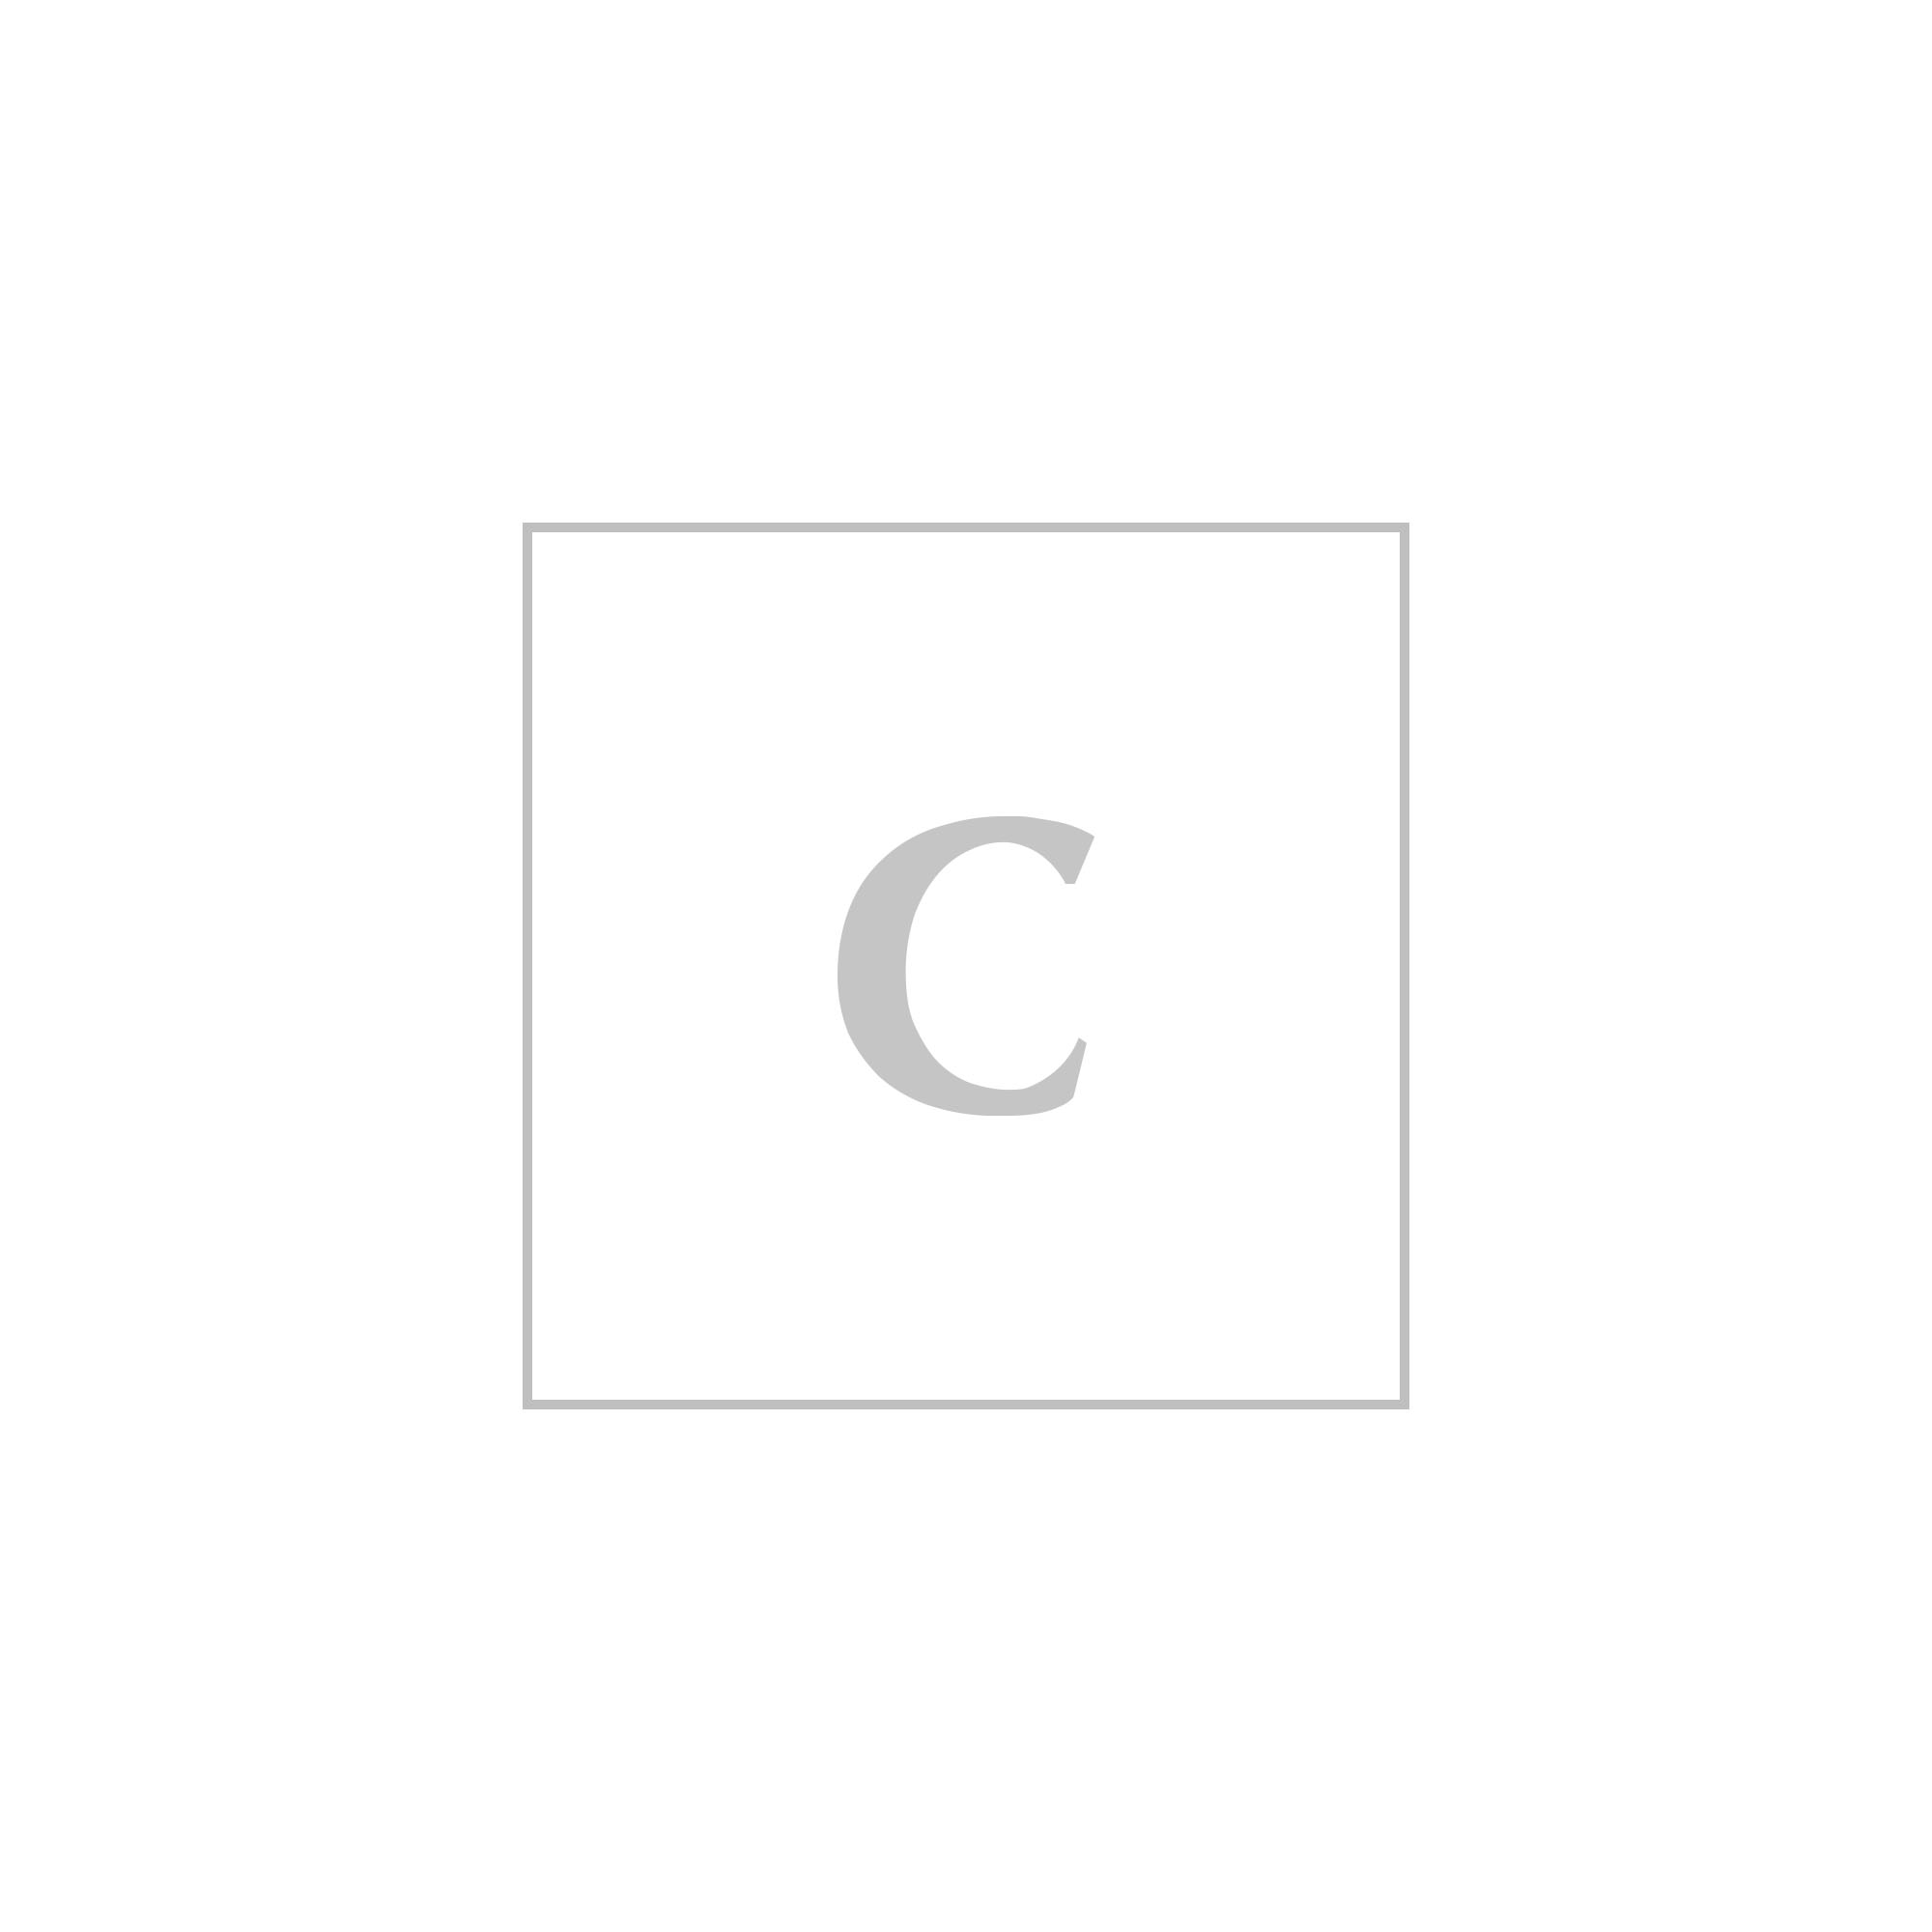 burberry abbigliamento donna t-shirt carrick con cristalli